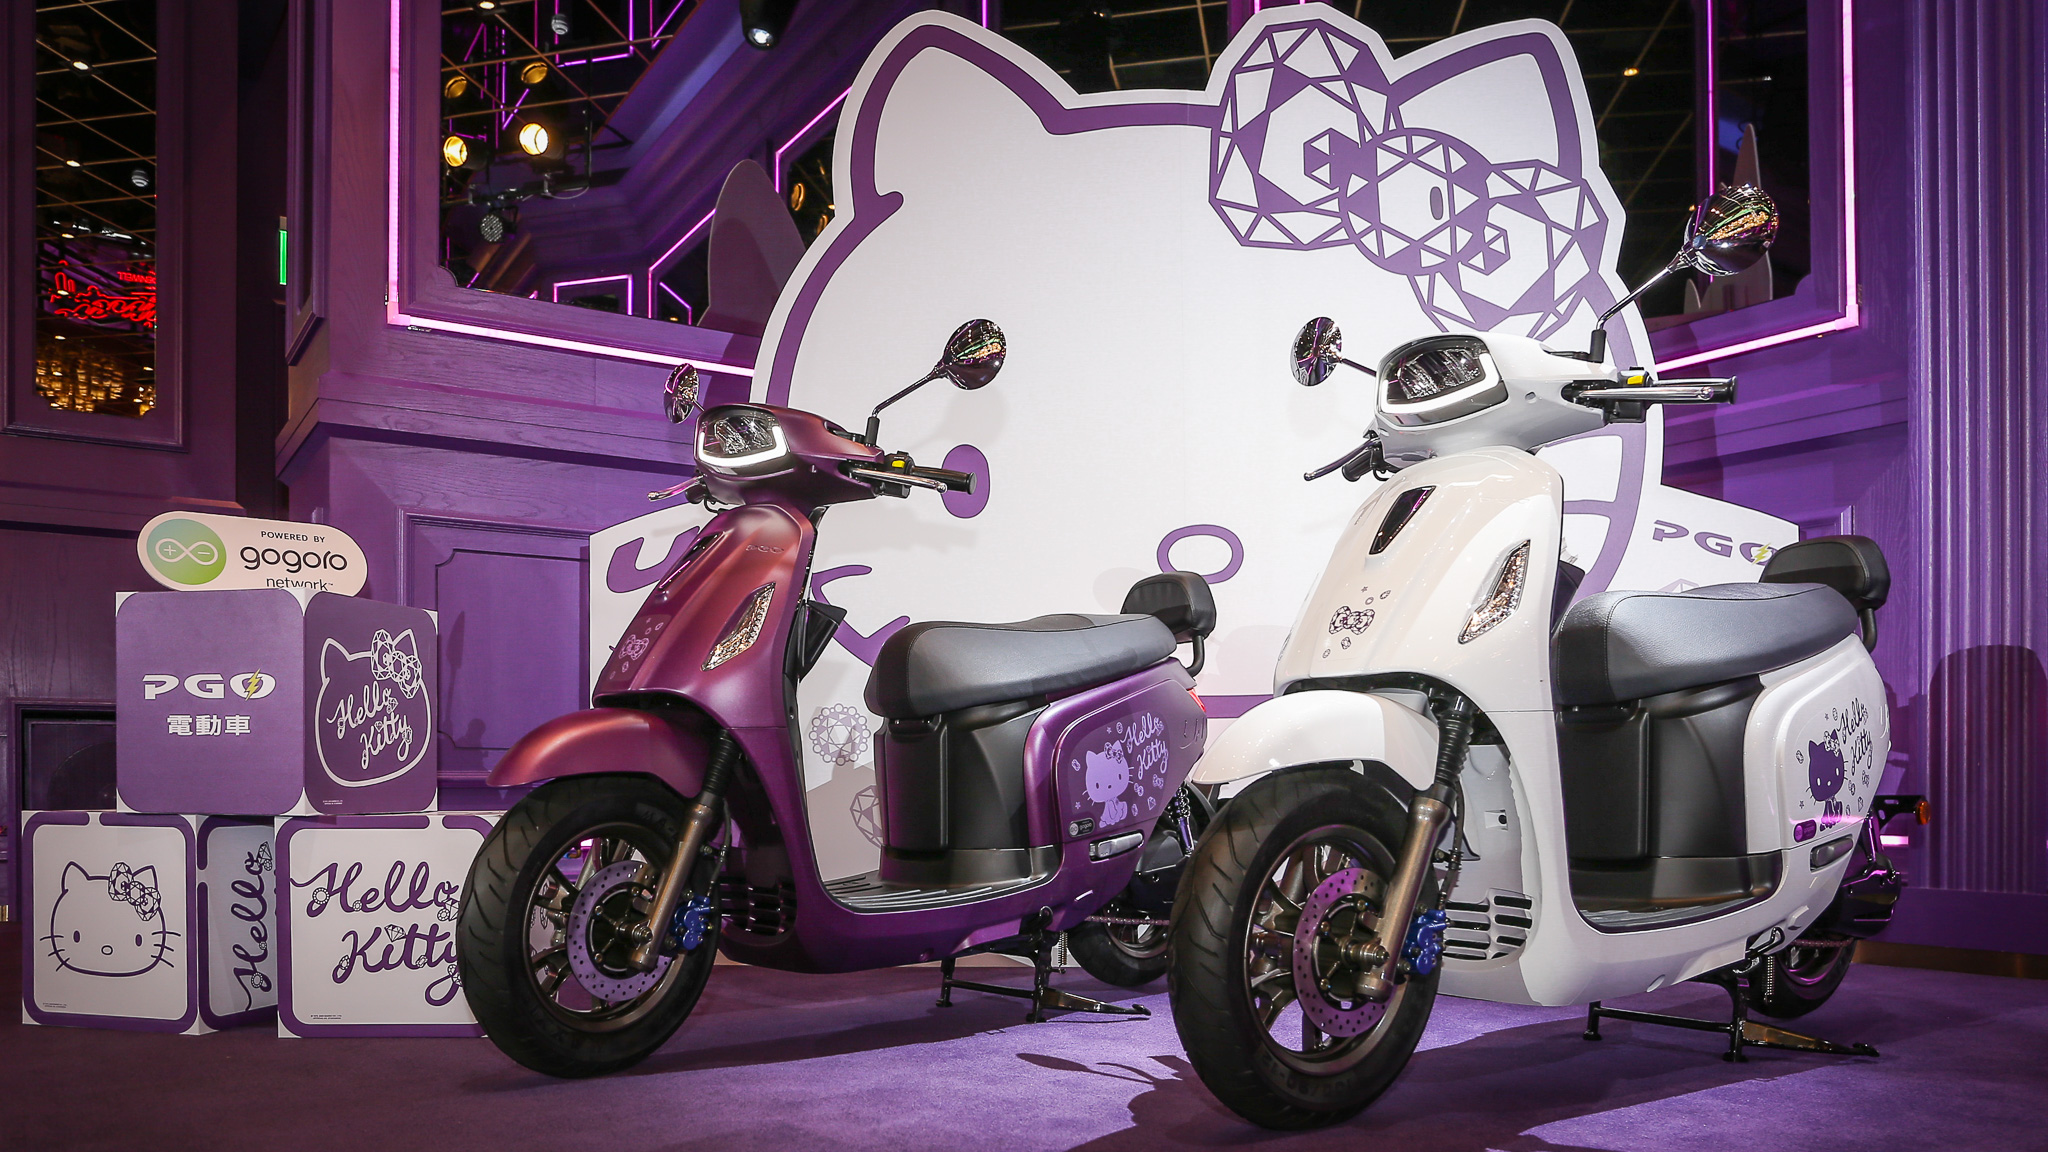 凱蒂貓電力滿!PGO 推出 Hello Kitty Ur1 聯名款電動車售價 88,000 元